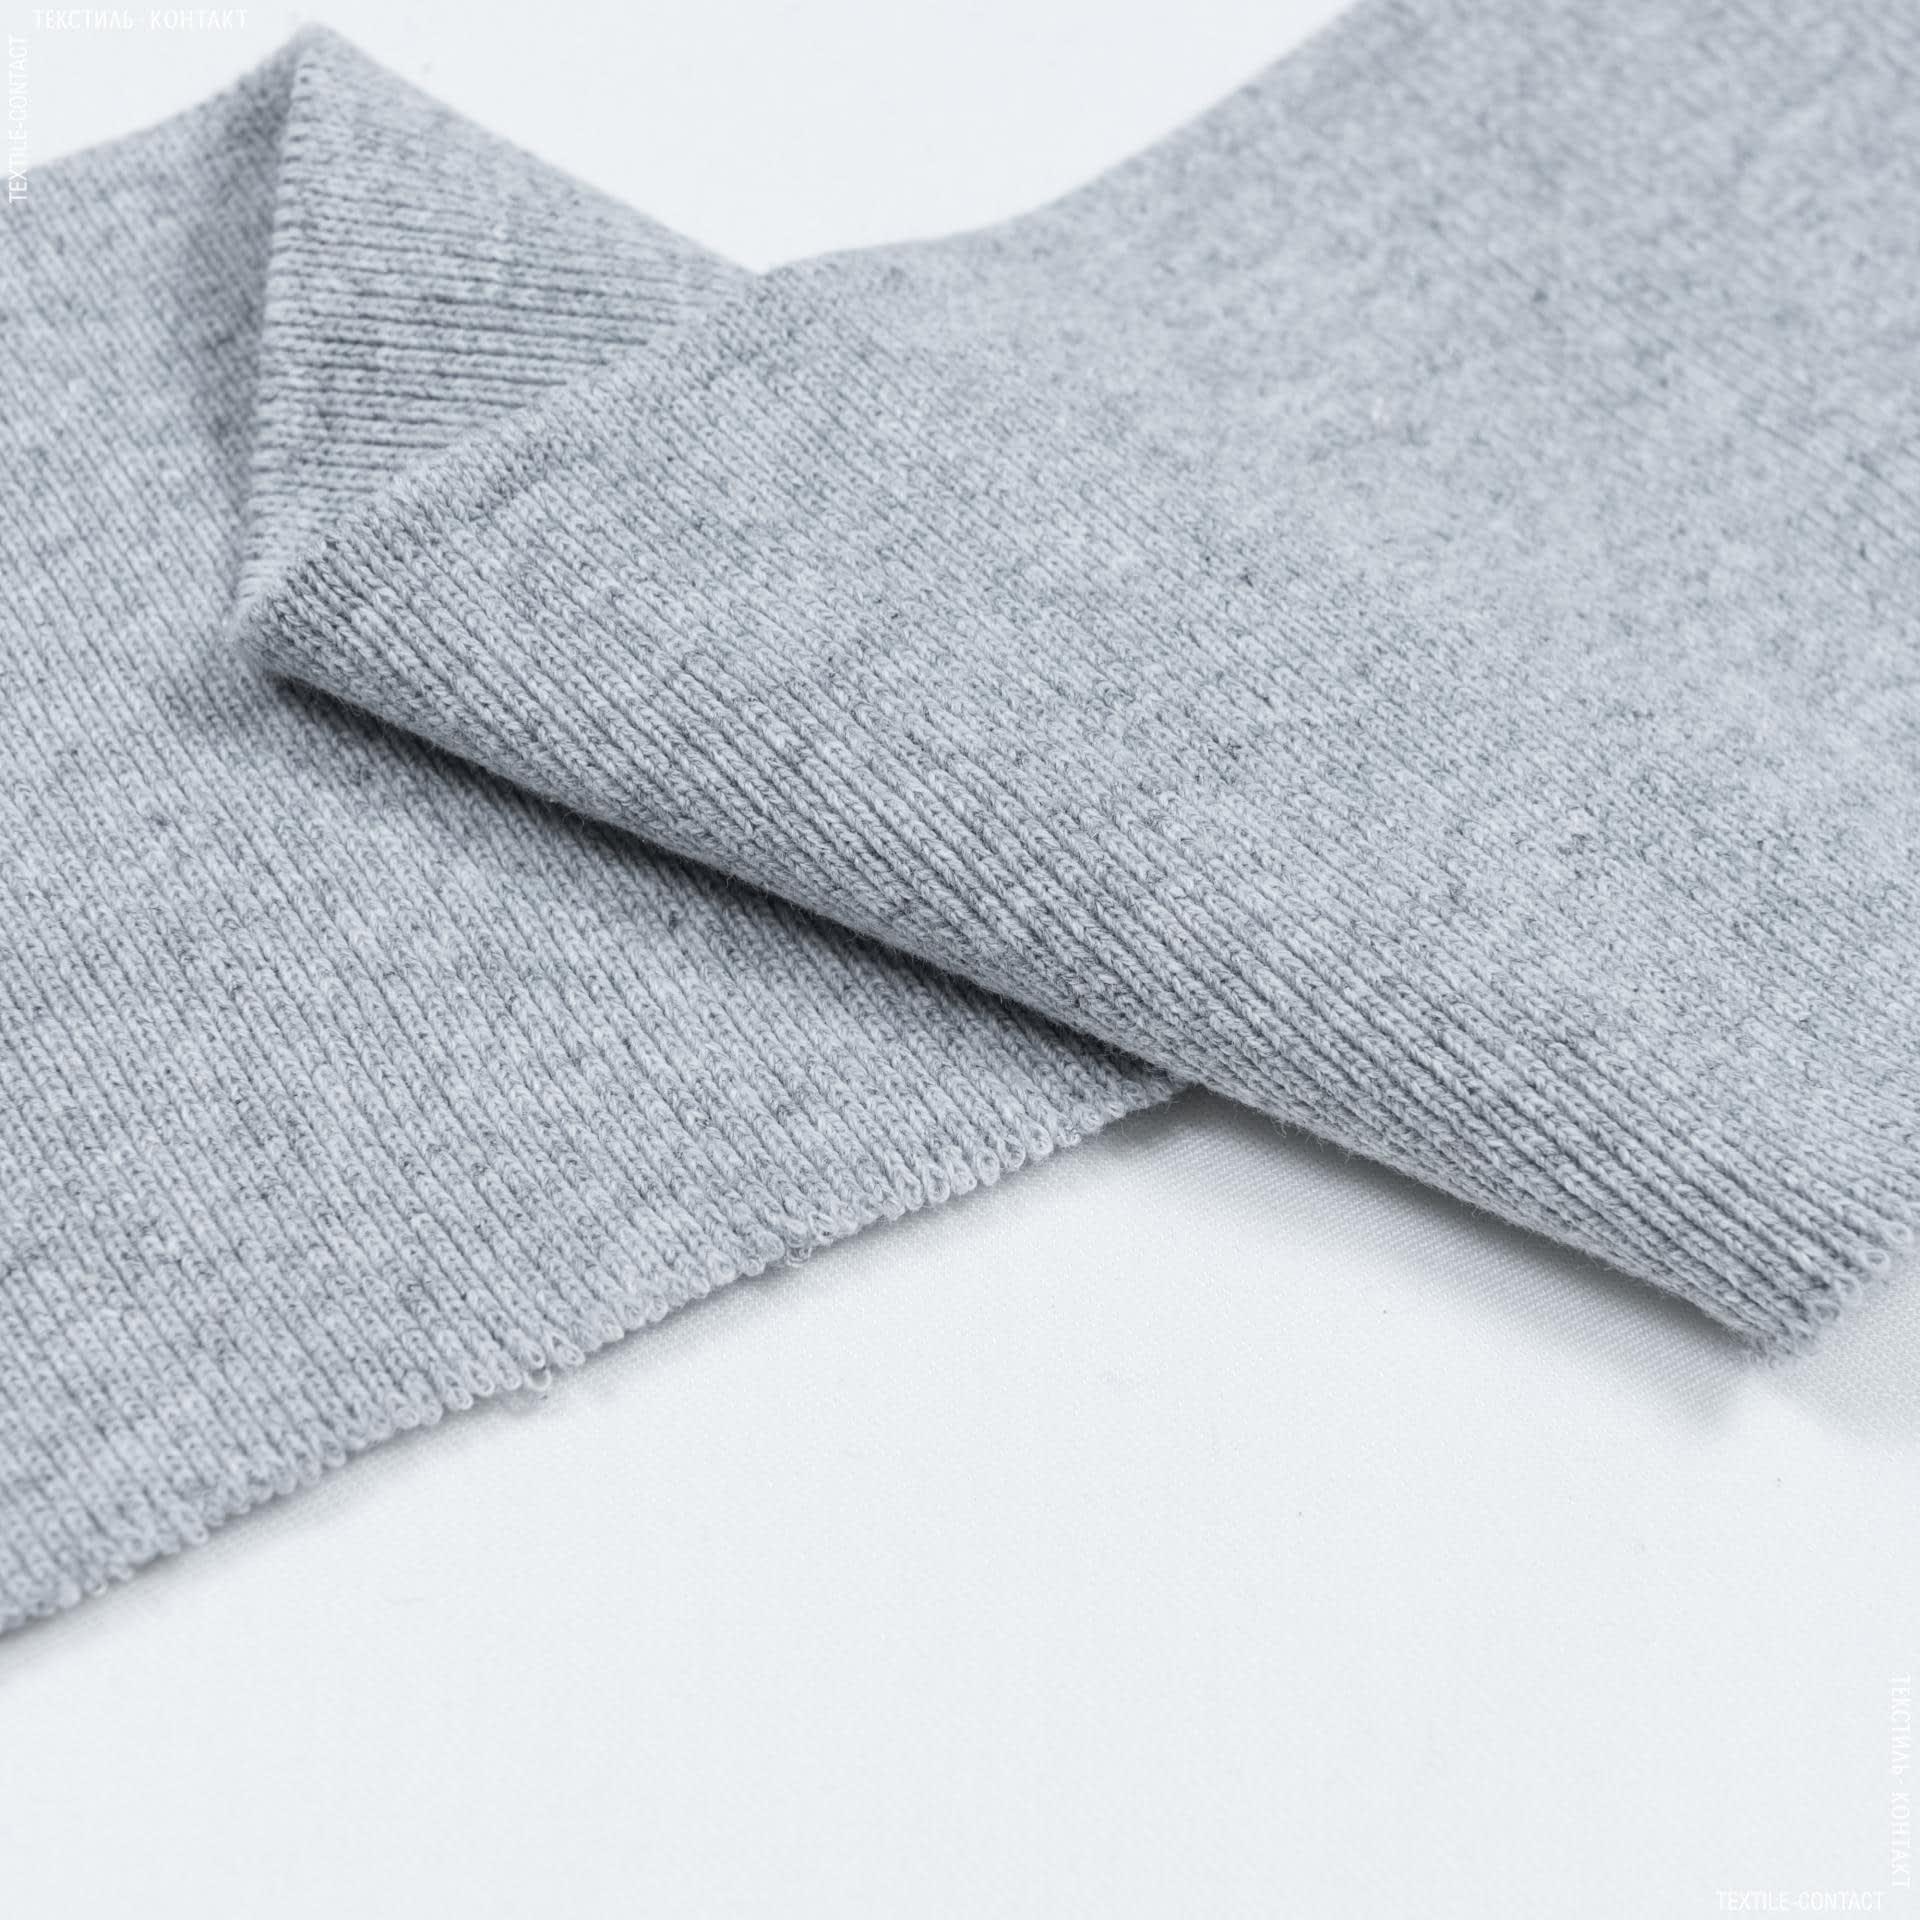 Тканини всі тканини - Комір-манжет до лакости арт.157809 сірий меланж 10х42см